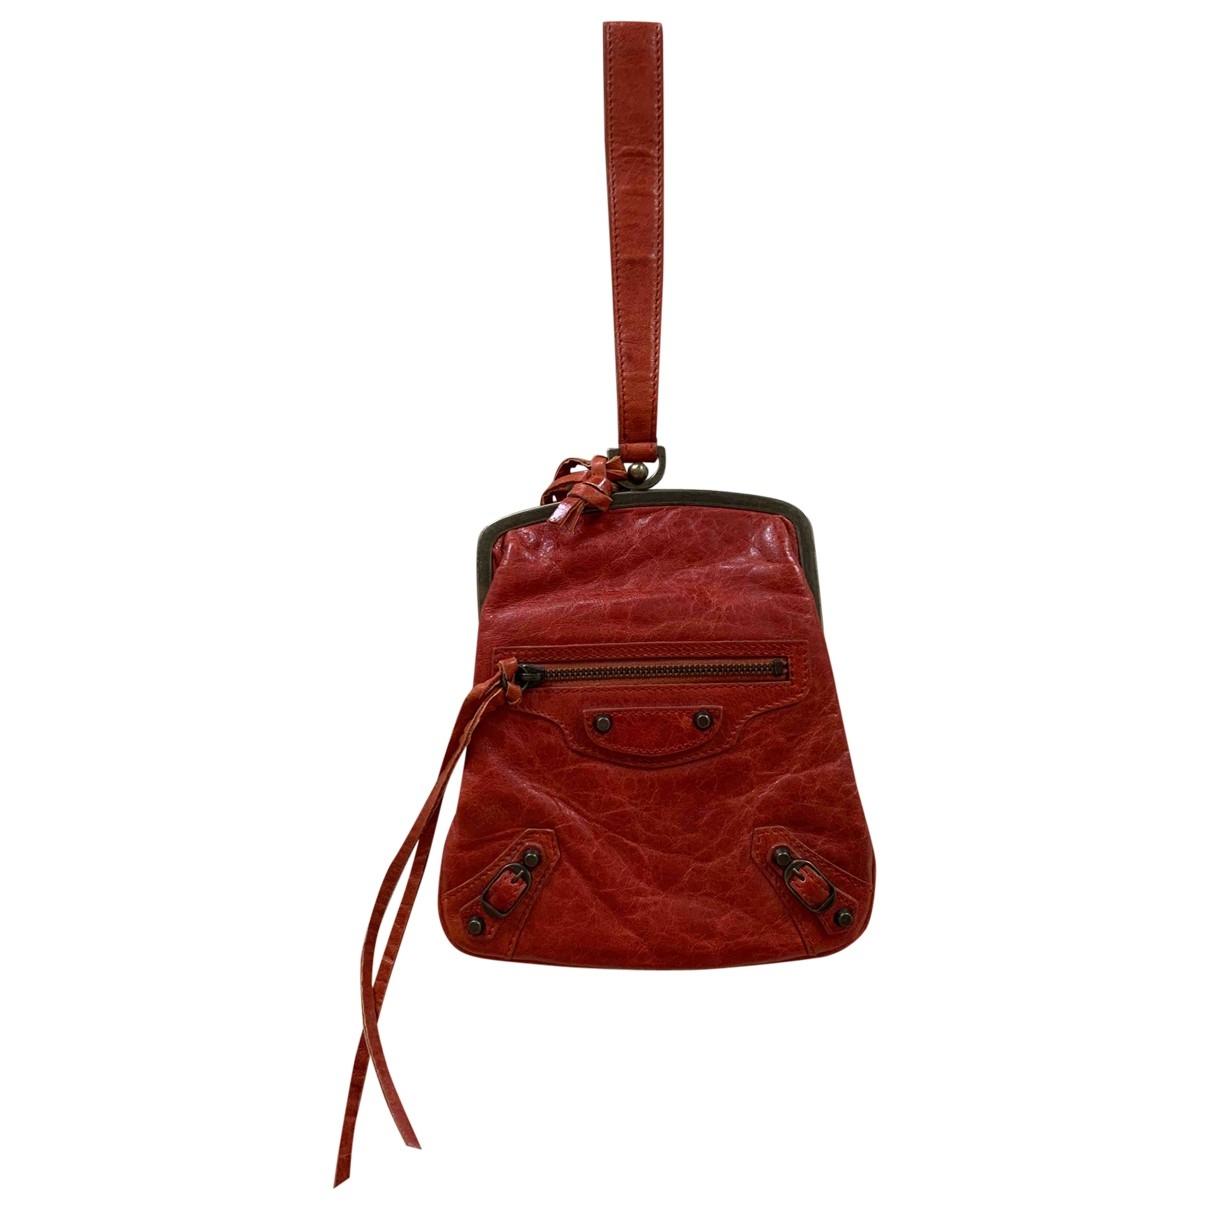 Balenciaga - Petite maroquinerie   pour femme en cuir - rouge